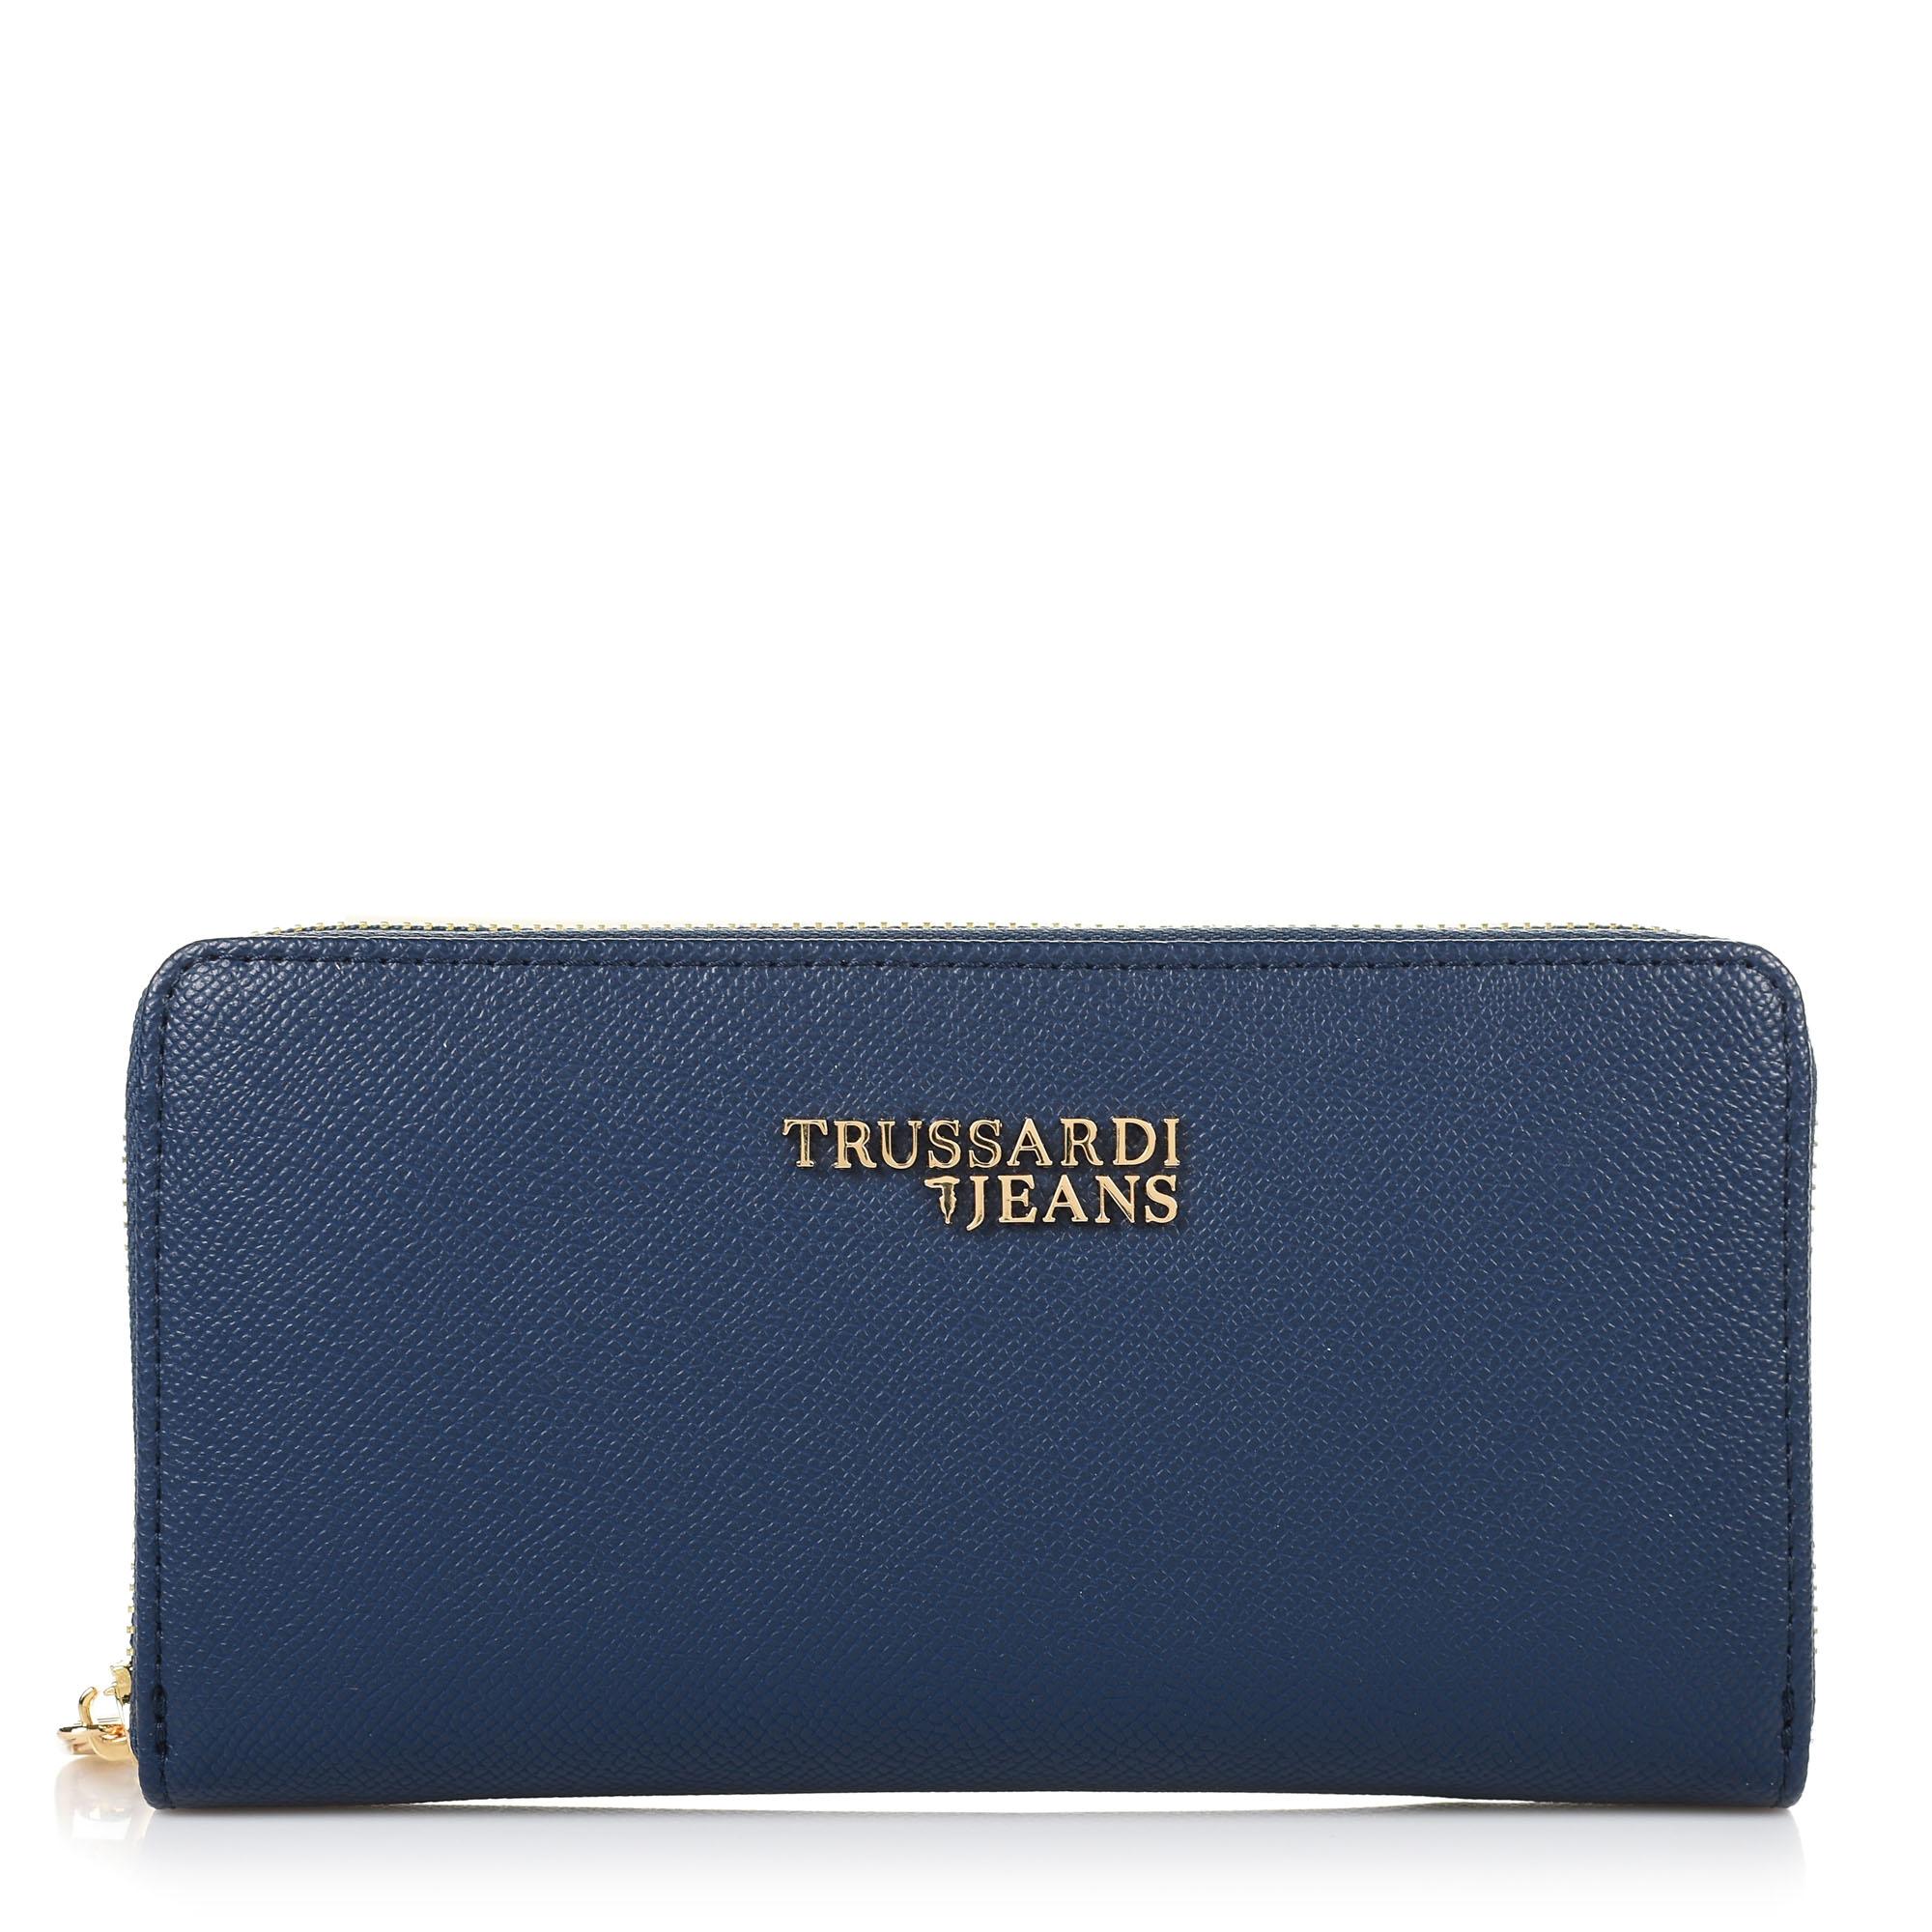 Δερμάτινο Πορτοφόλι Κασετίνα Trussardi Jeans T Easy Light 3 Pocket LG Saffiano 75W00152